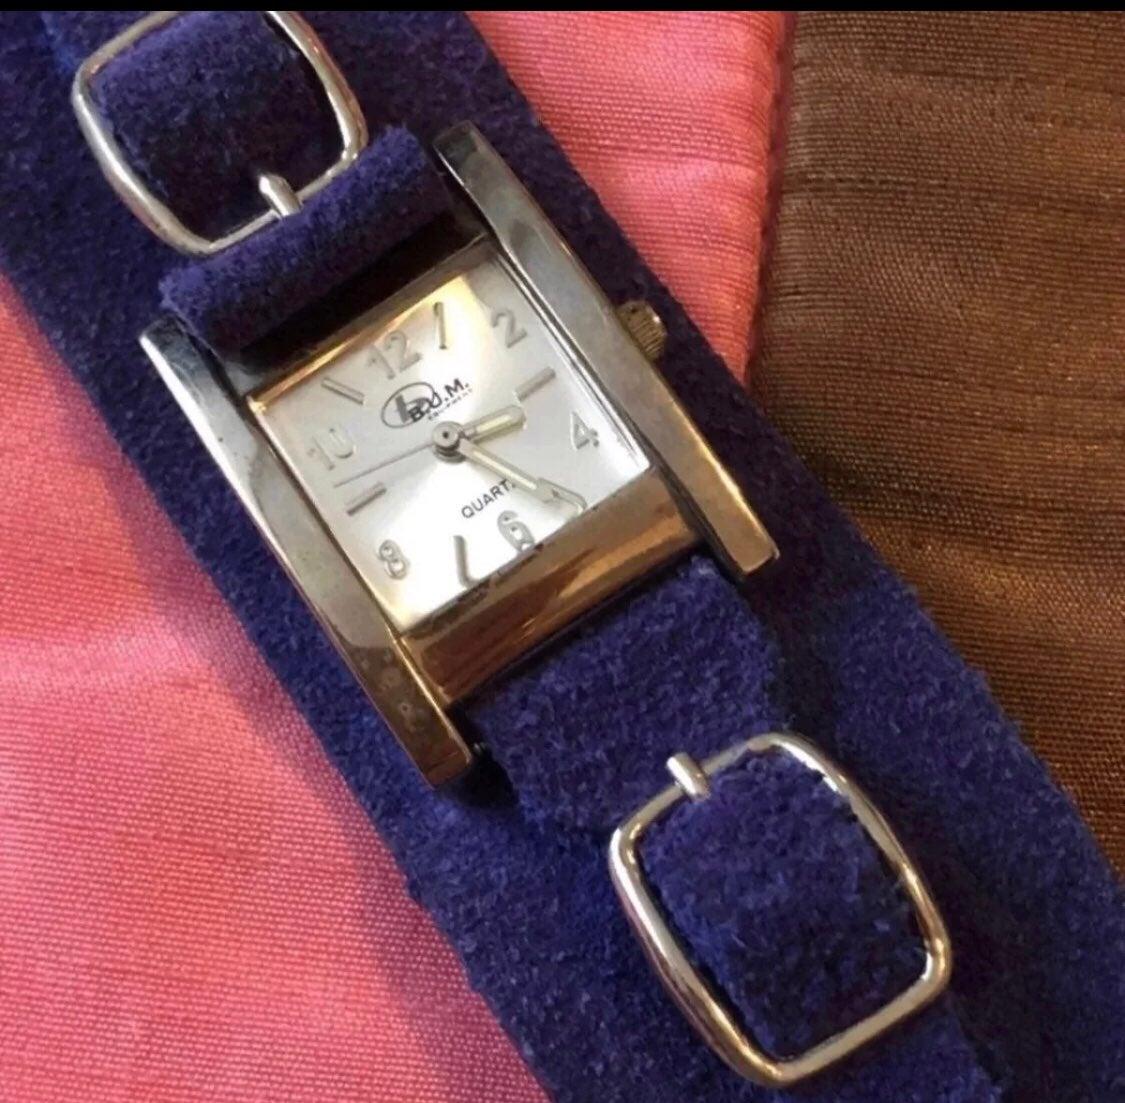 Vintage B.U.M. Watch suede strap NEW